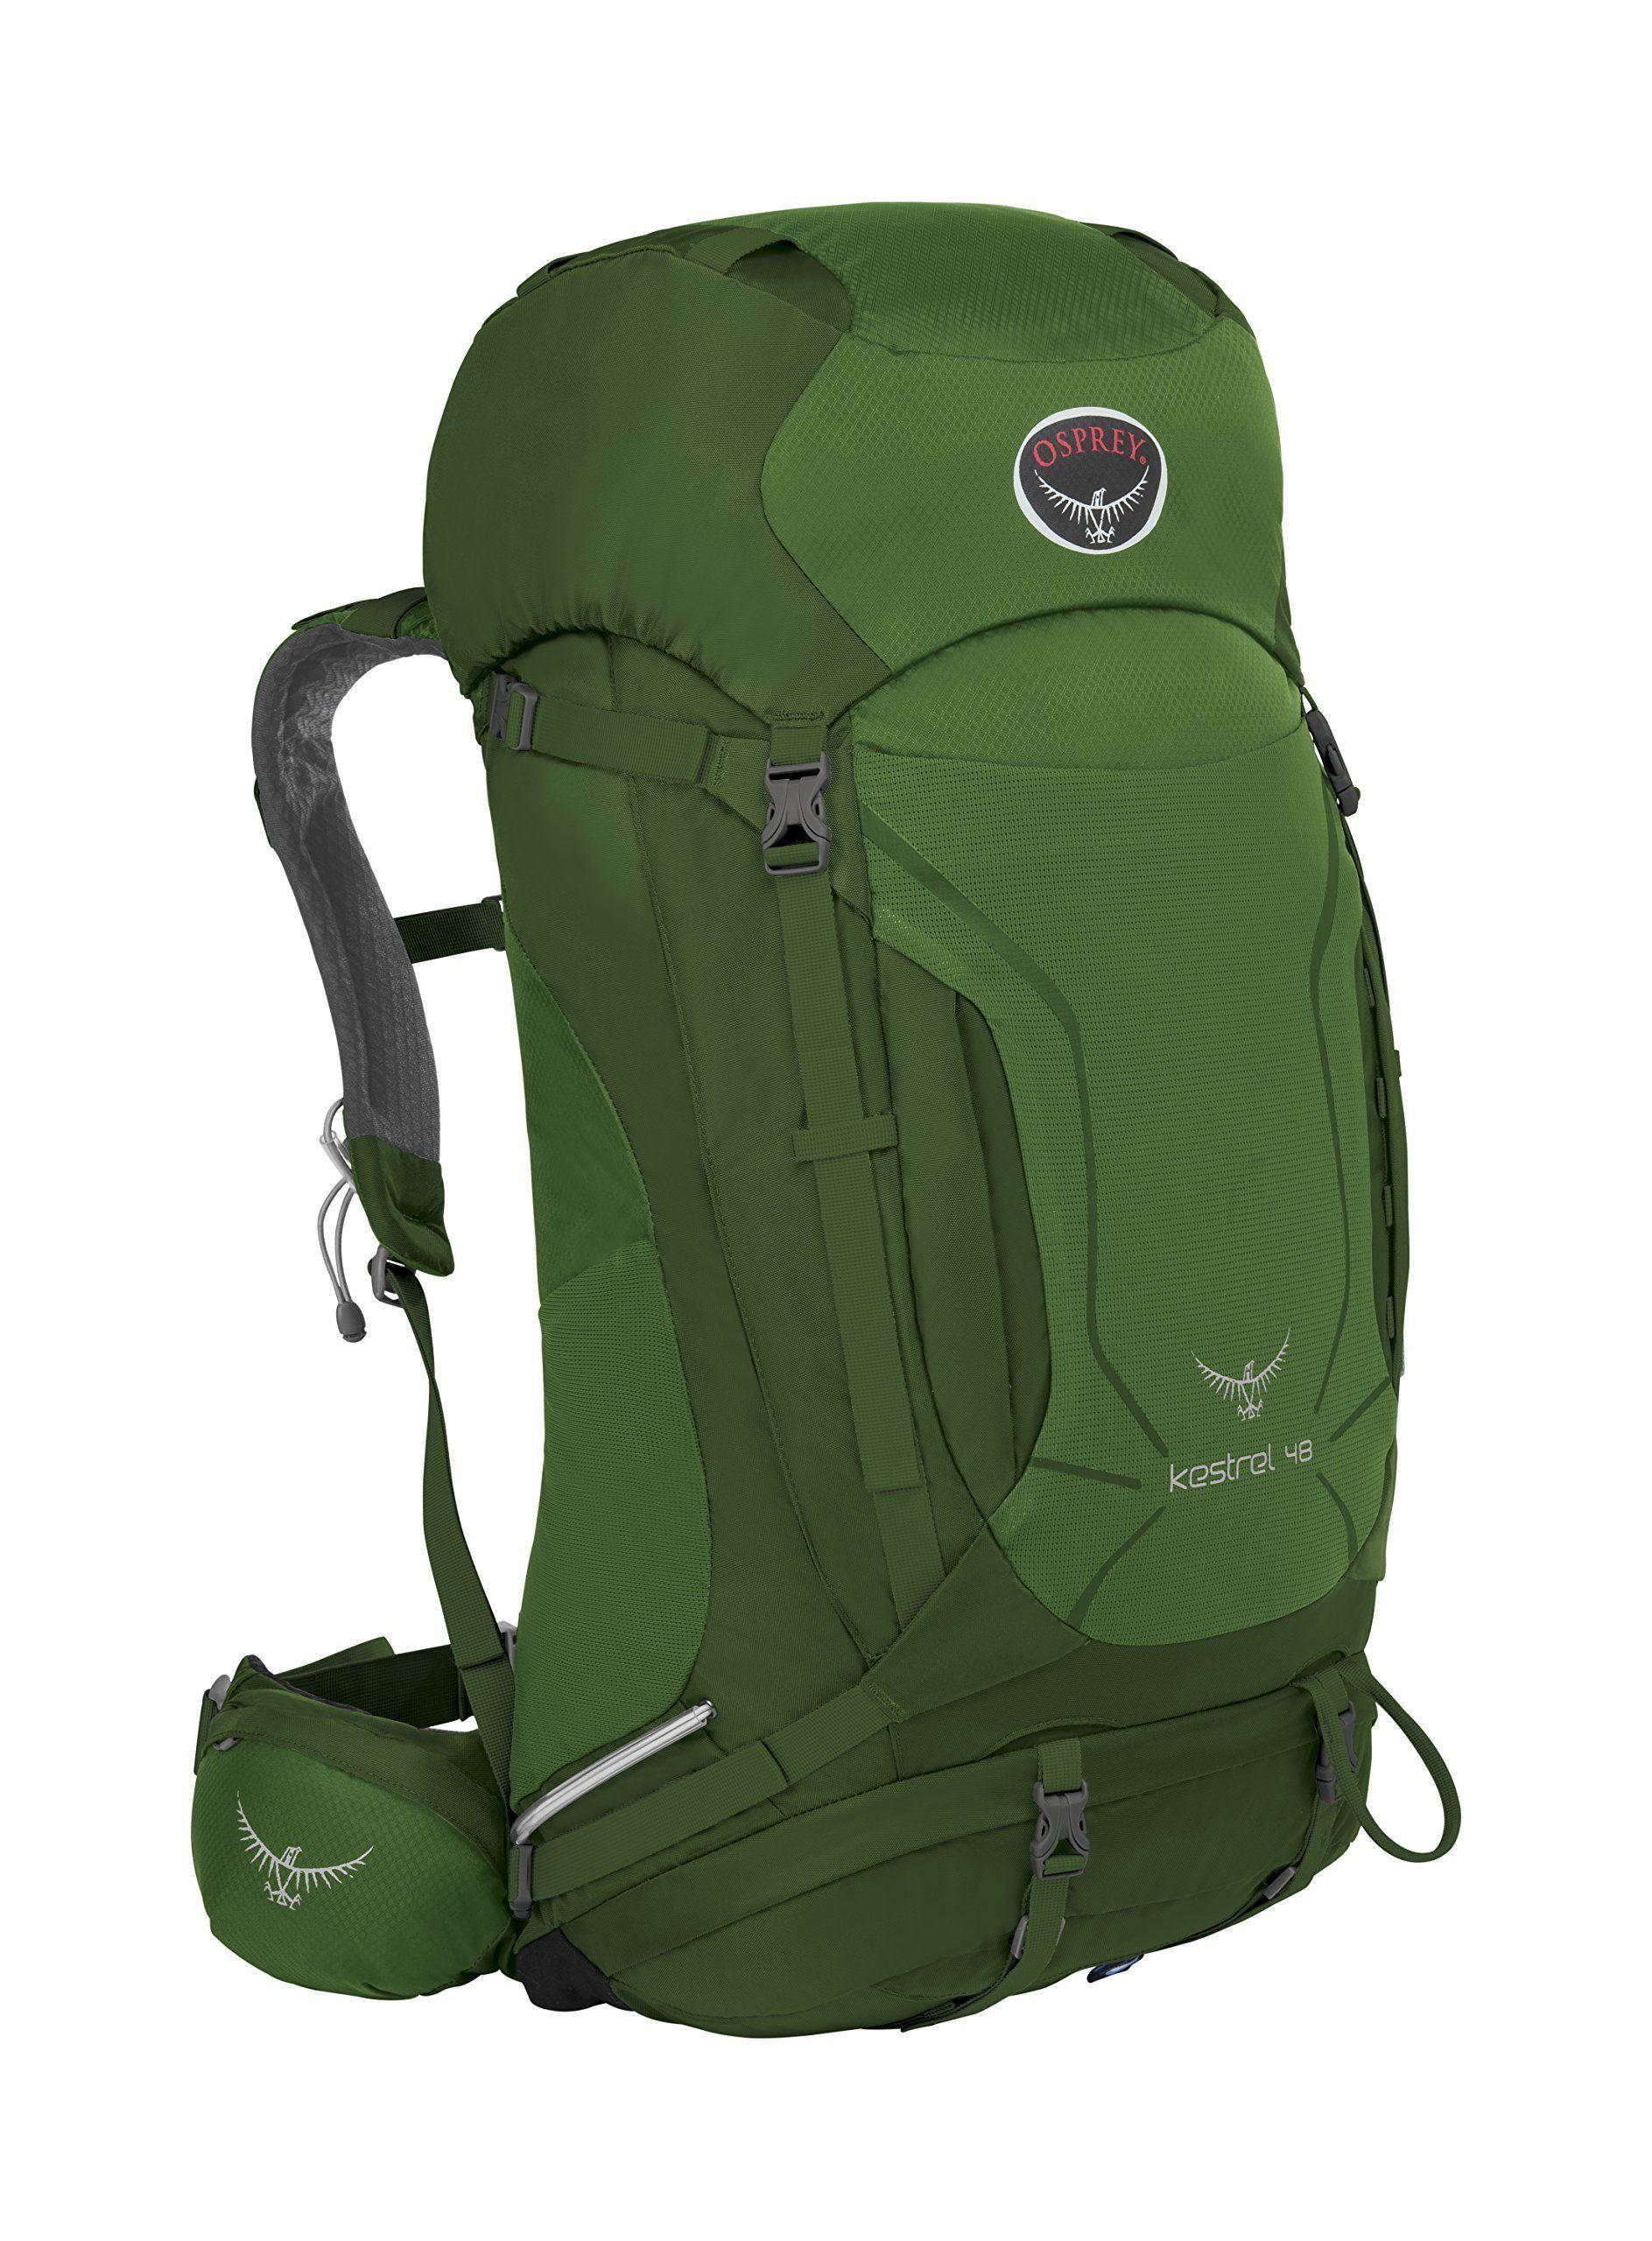 Osprey Packs Kestrel 48 Backpack, Jungle